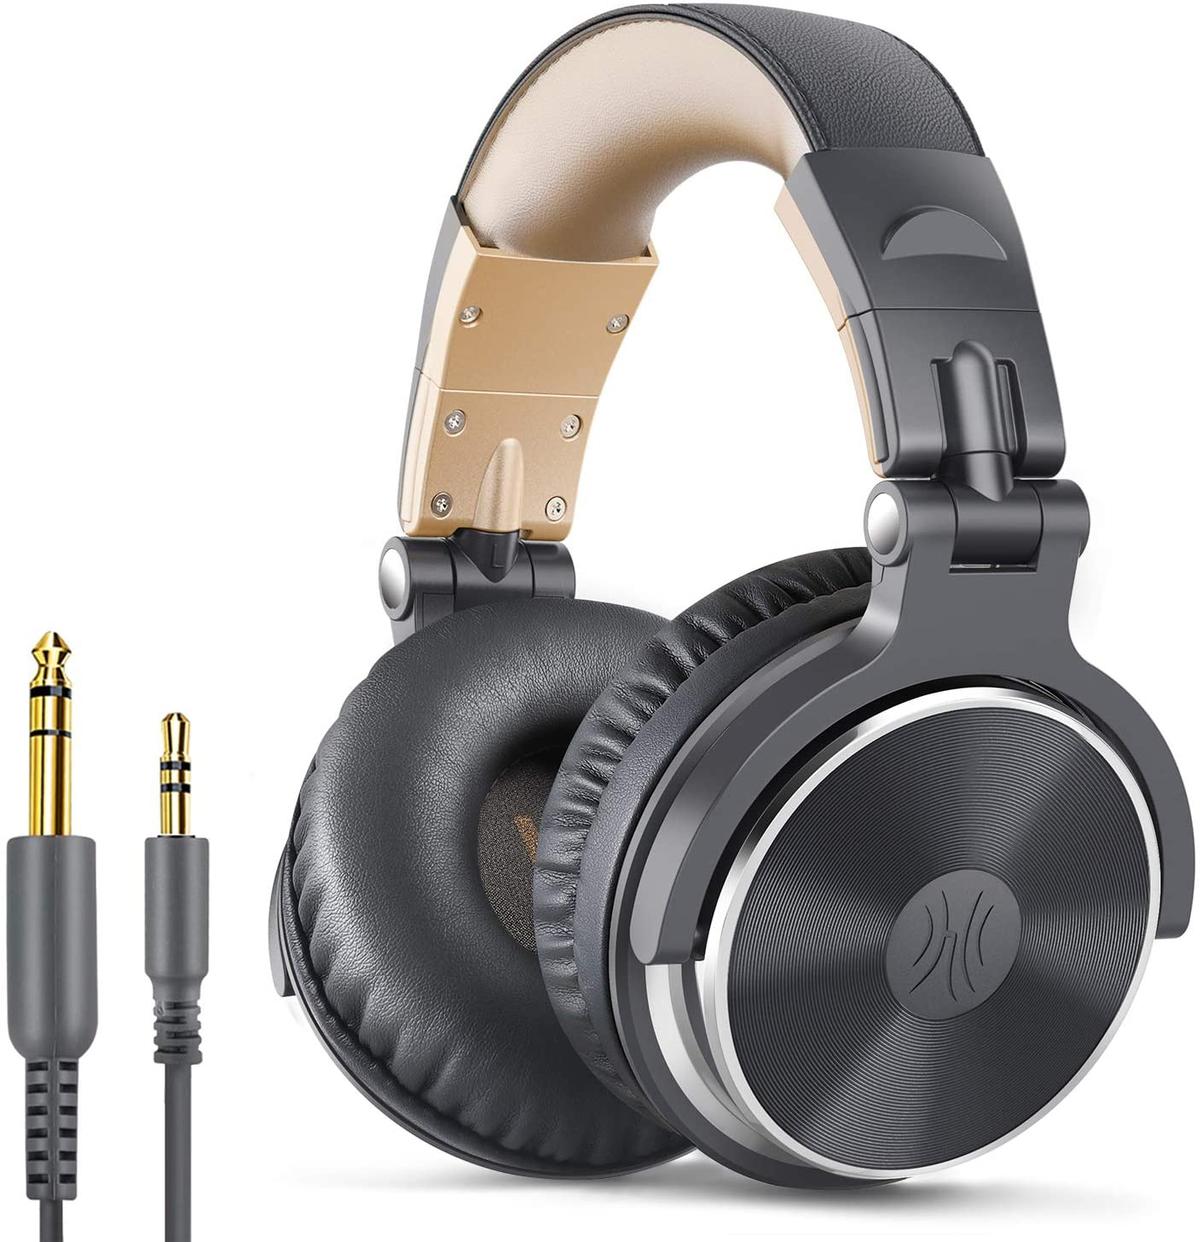 OneOdio(ワンオディオ) モニターヘッドホン Pro10の商品画像